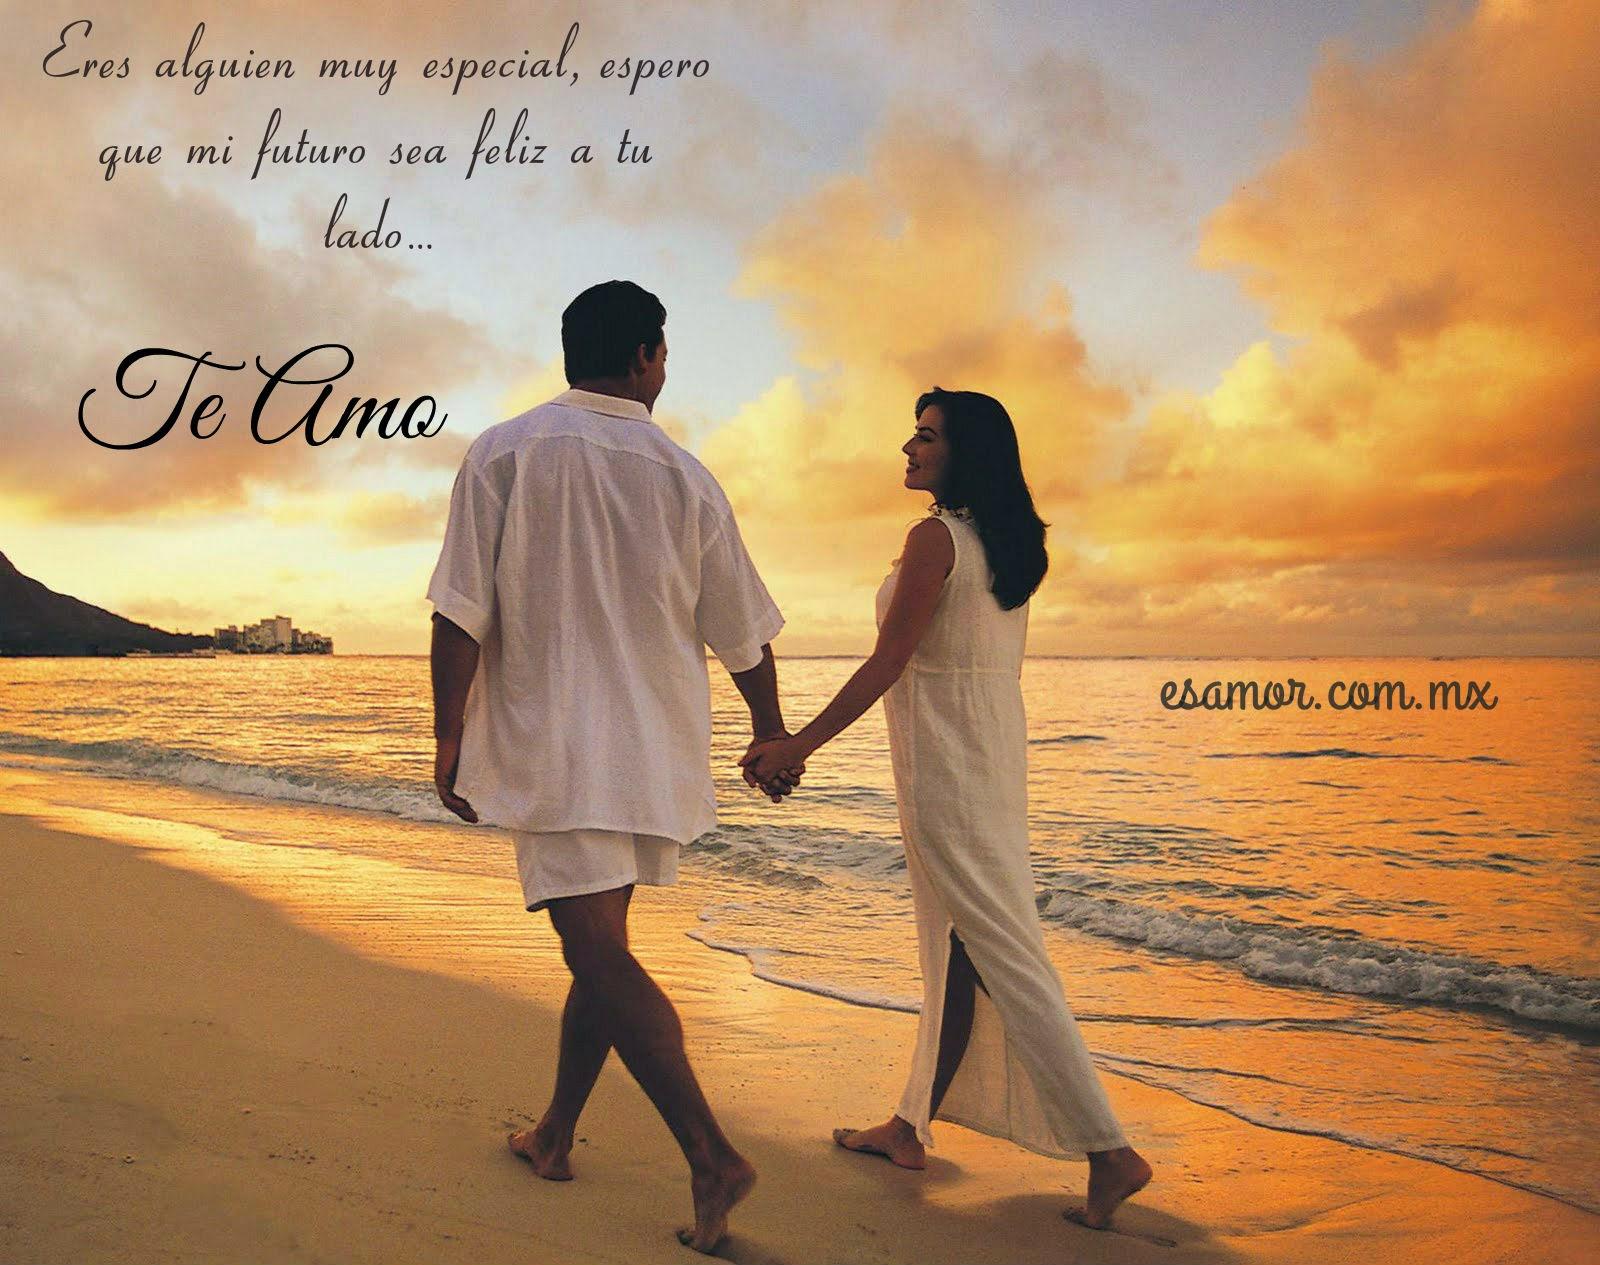 Poemas de amor cortos para enamorar a tu pareja